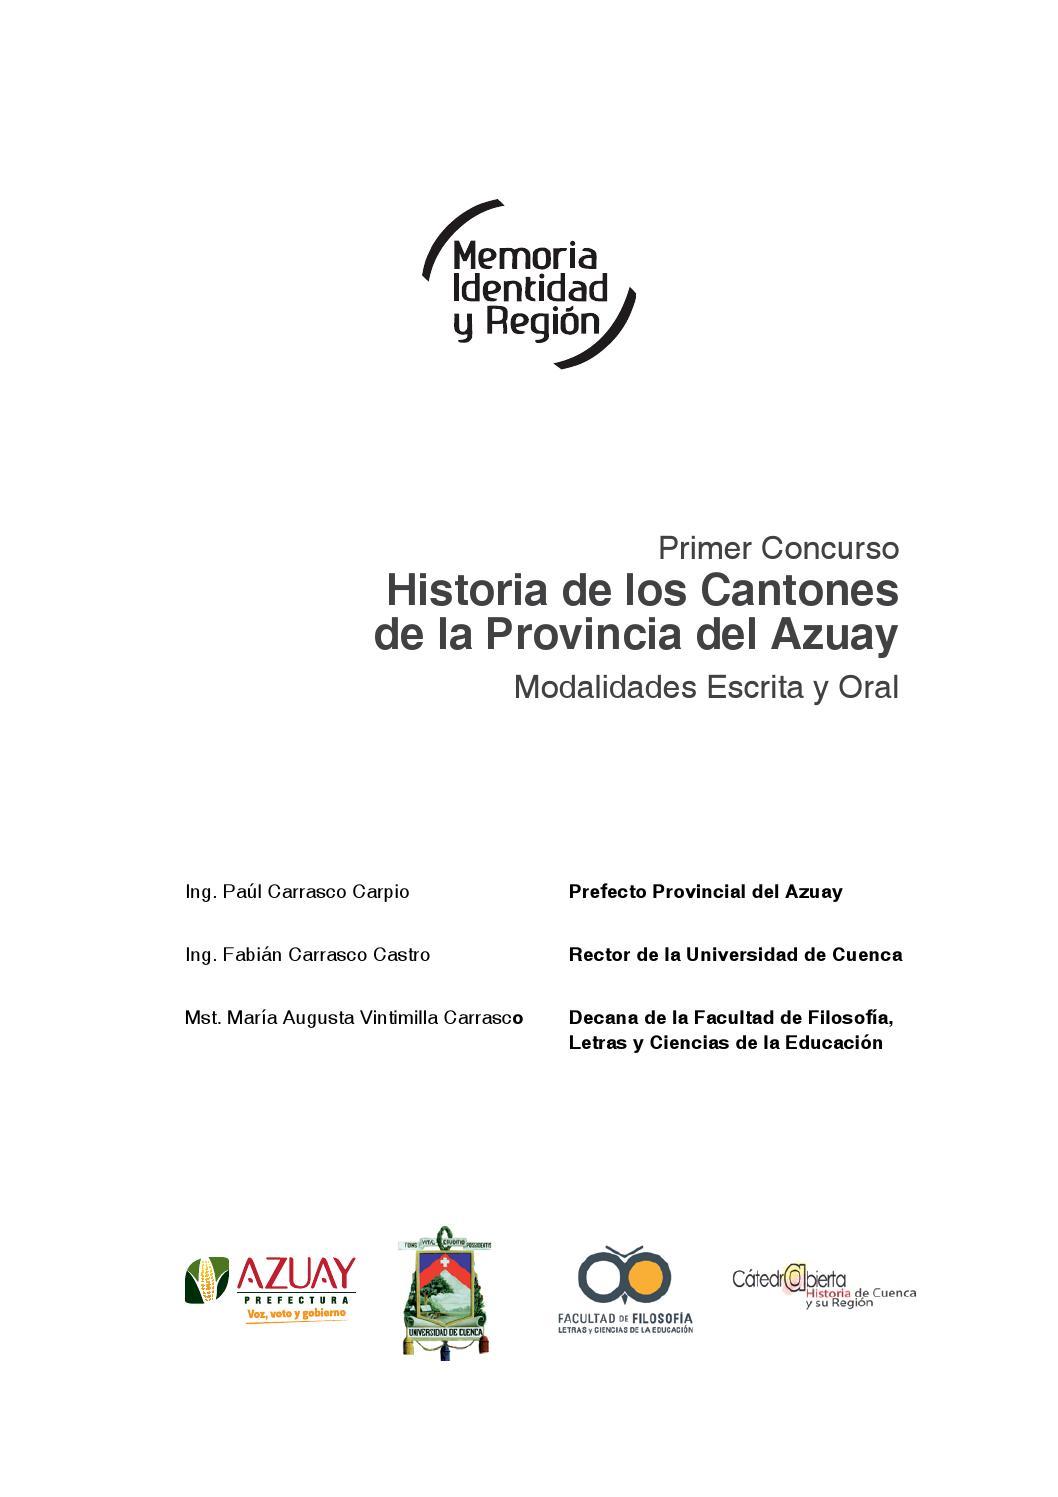 Historia de los cantones de la provincia del Azuay by Cátedra ...